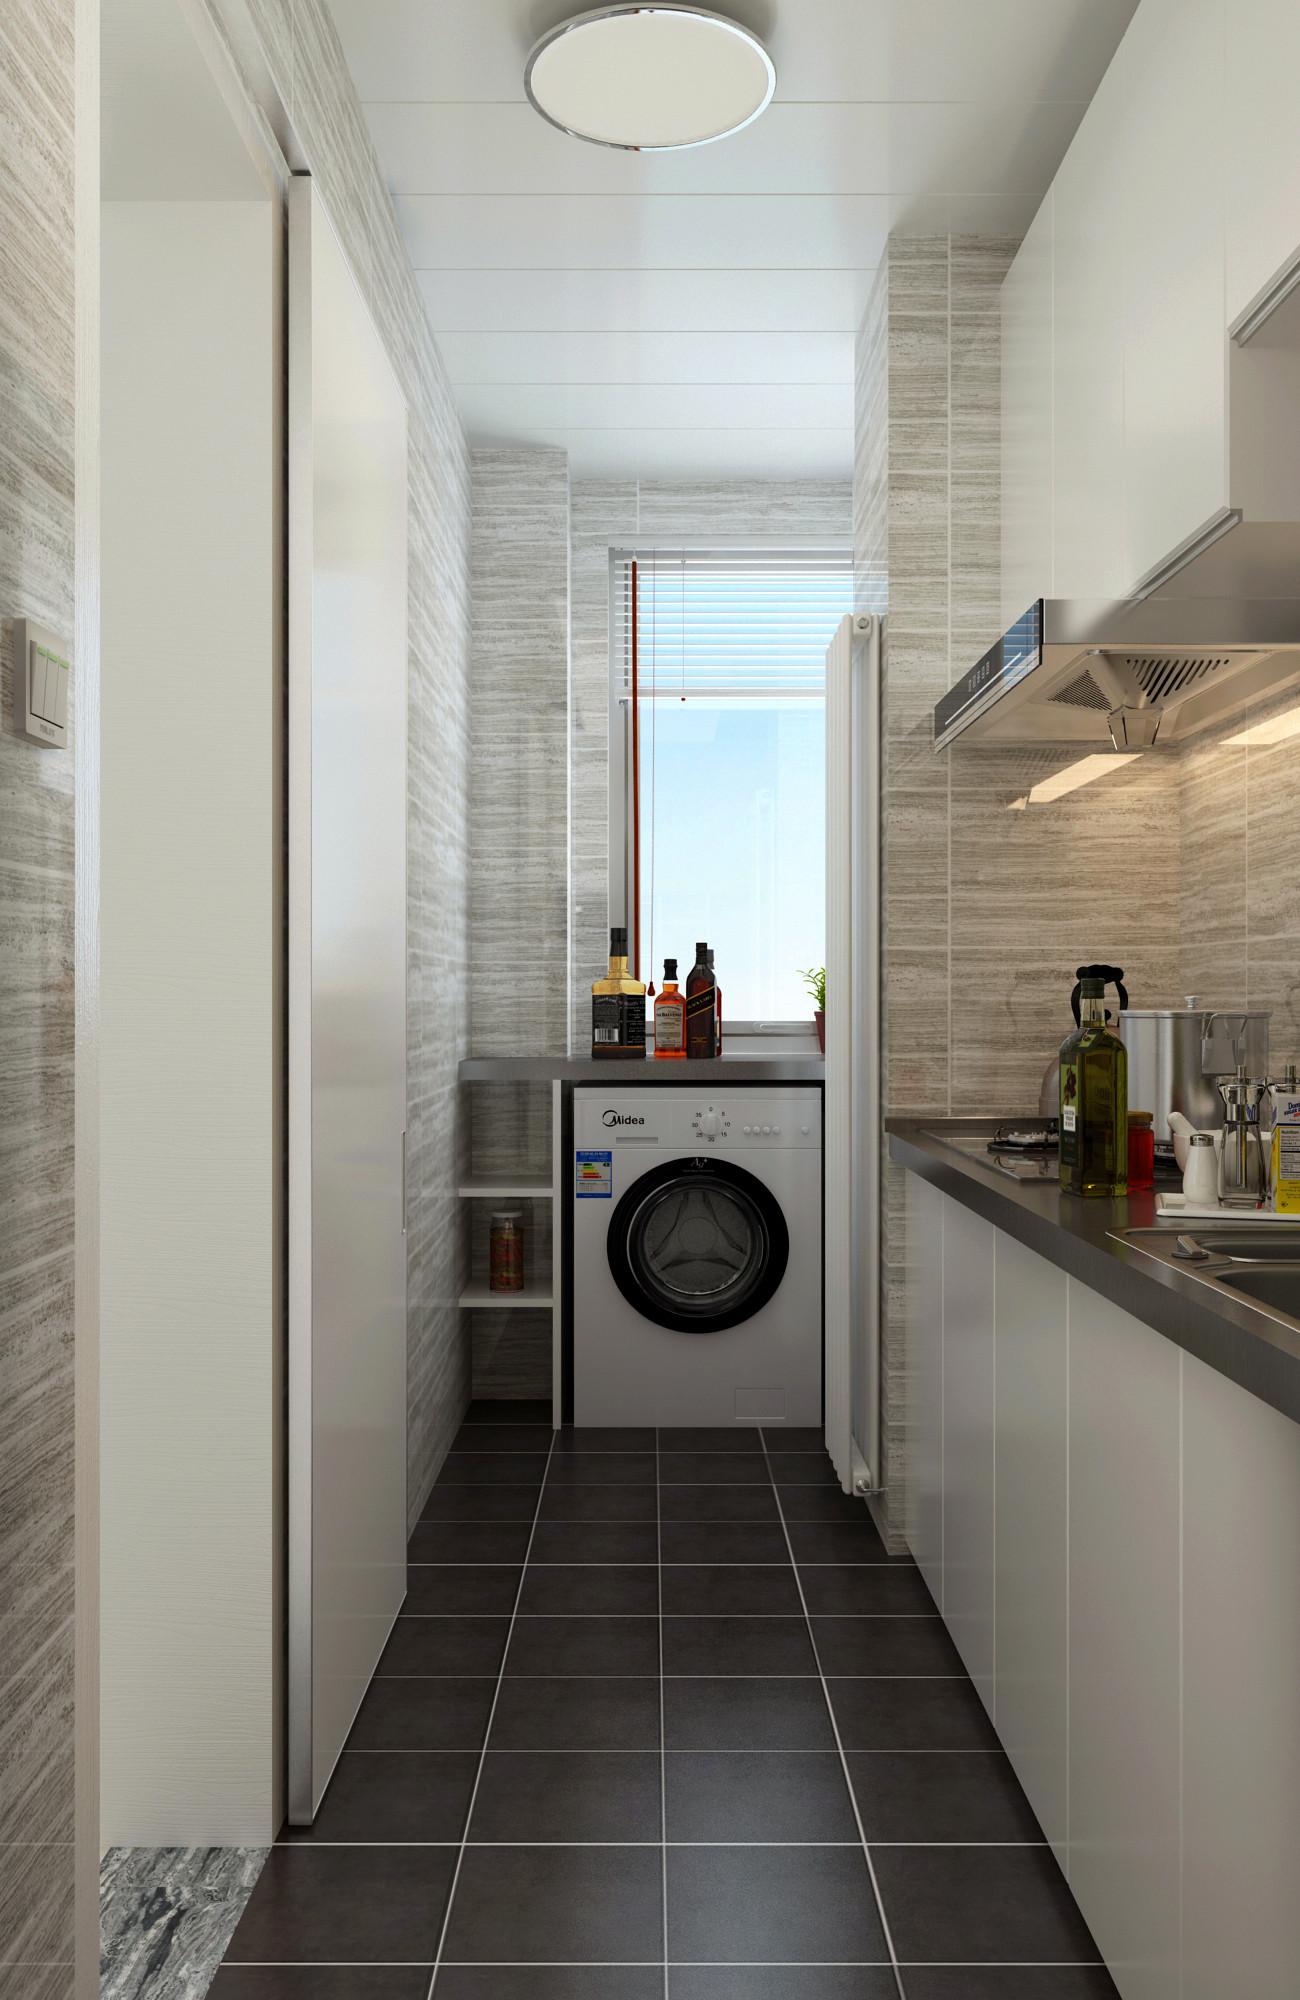 80㎡宜家风格设计厨房装潢图